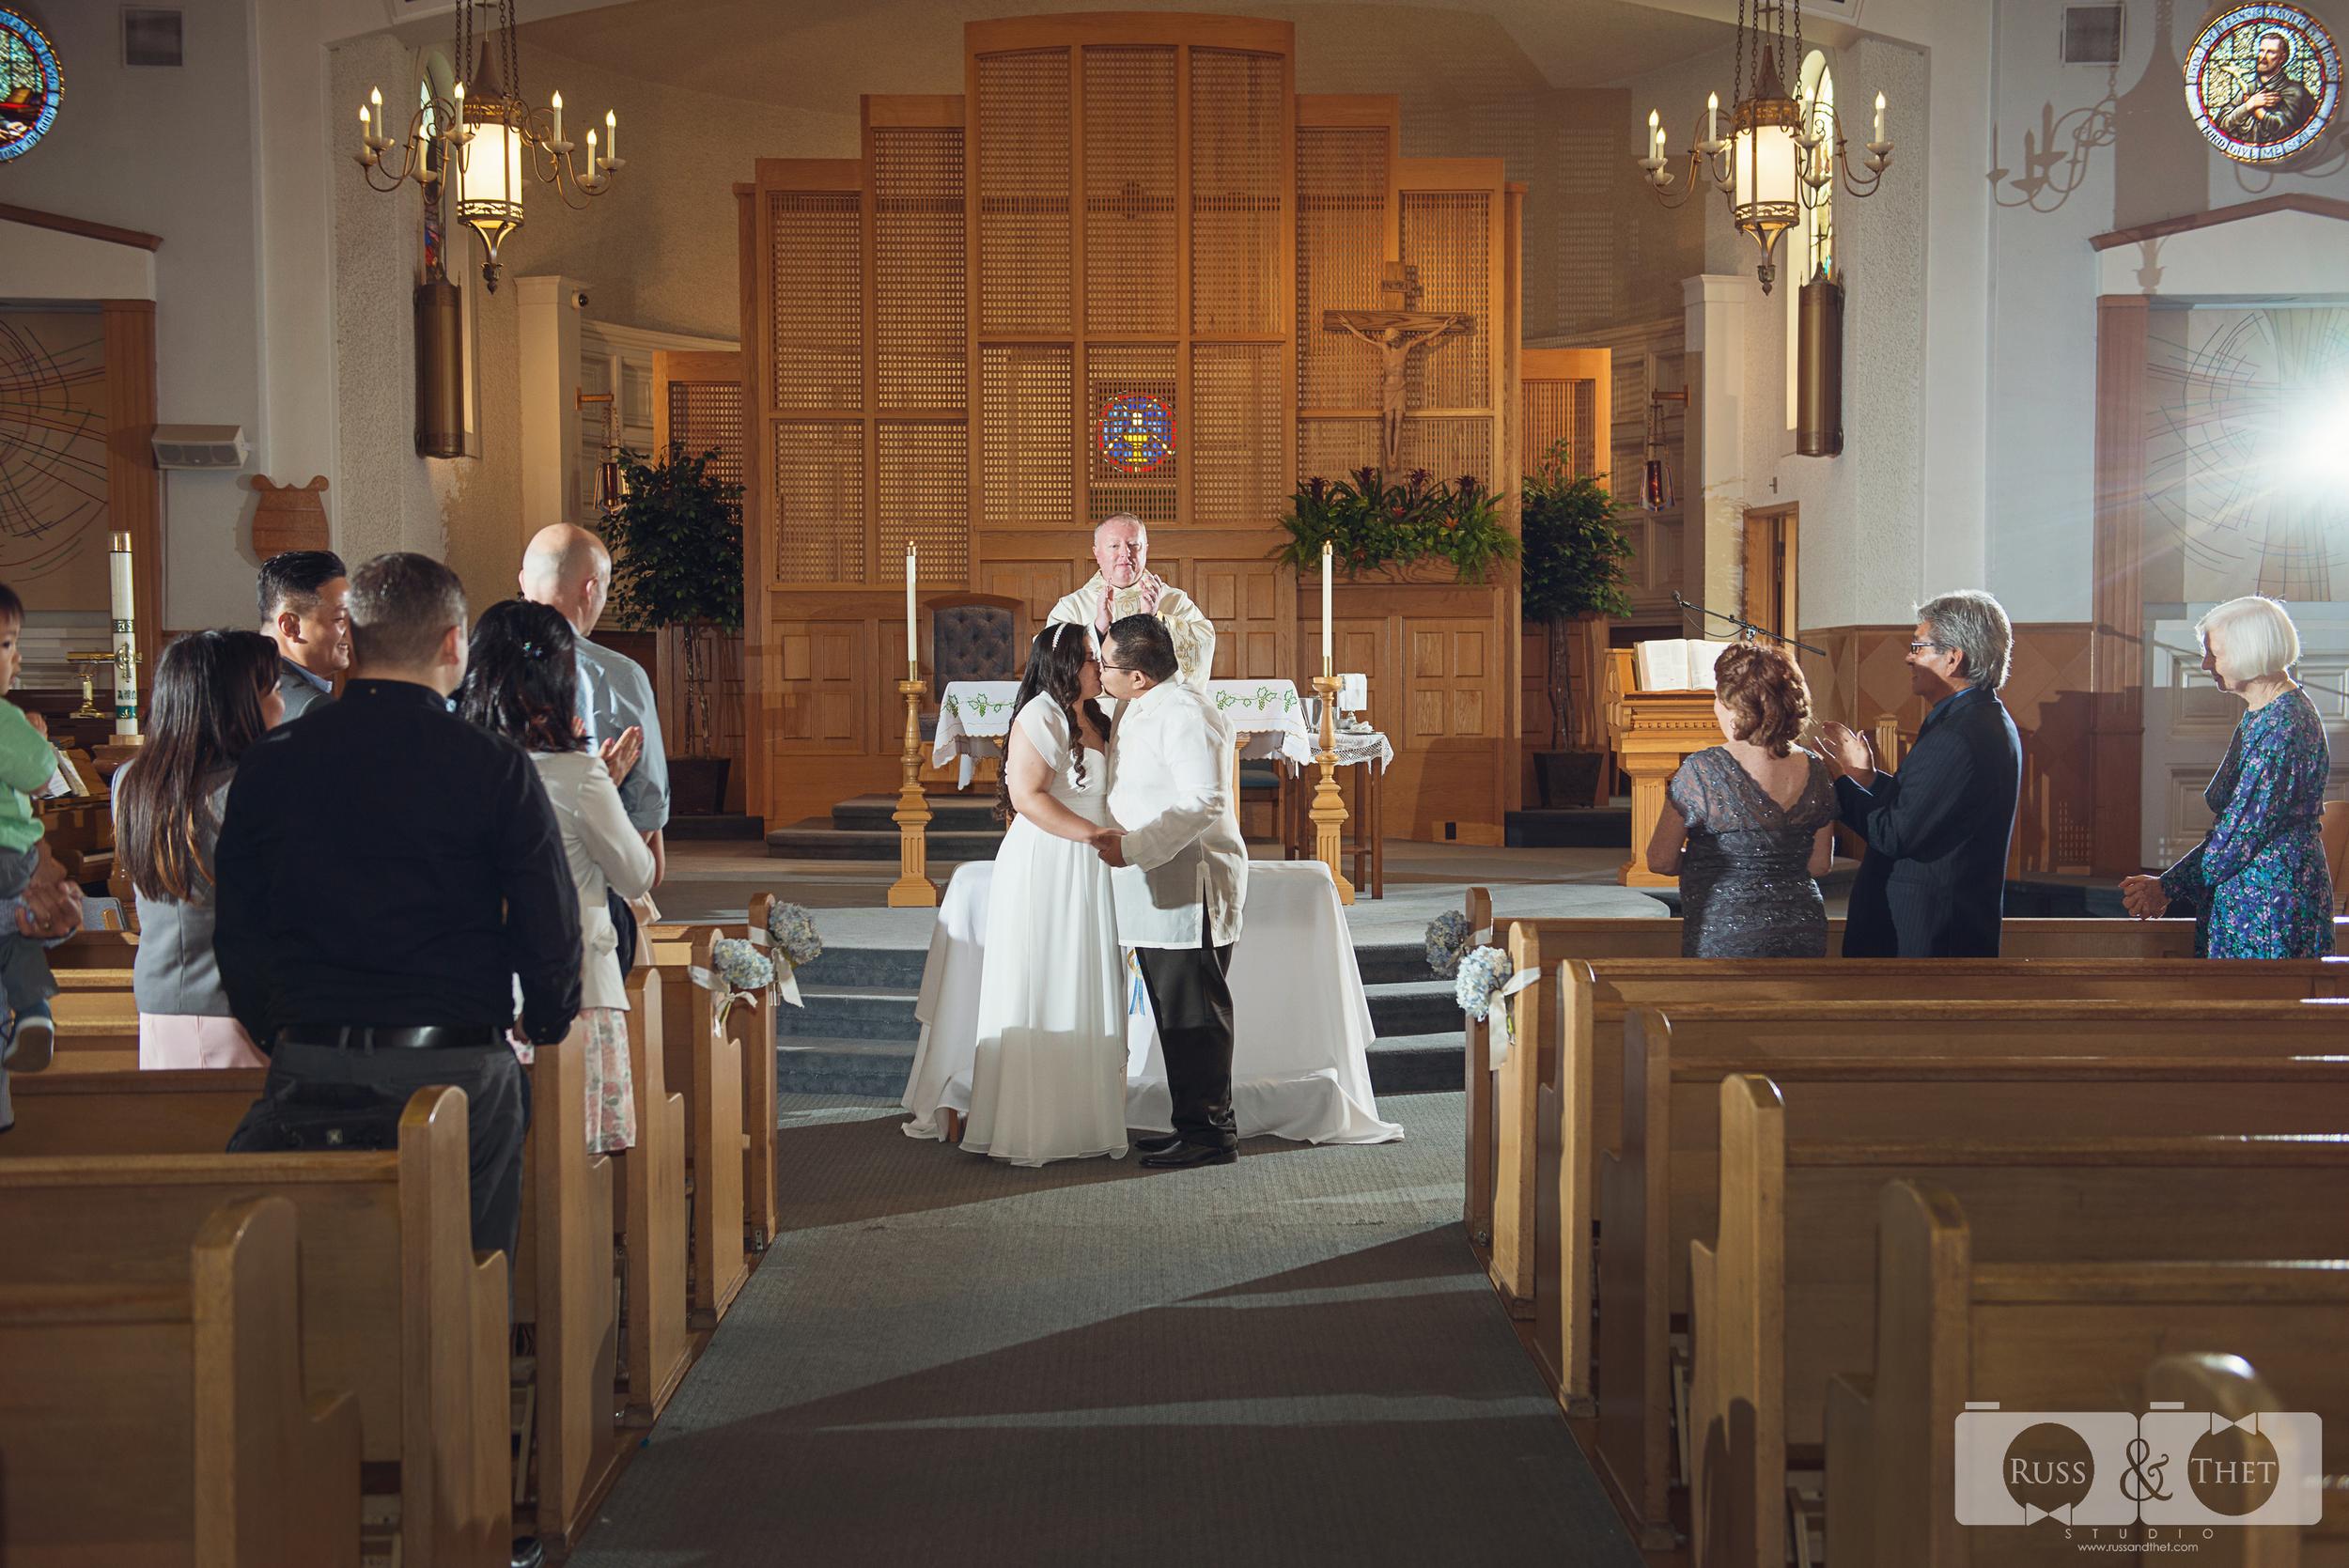 Ann&Doddie-Burbank-Wedding-Photographer (6).jpg